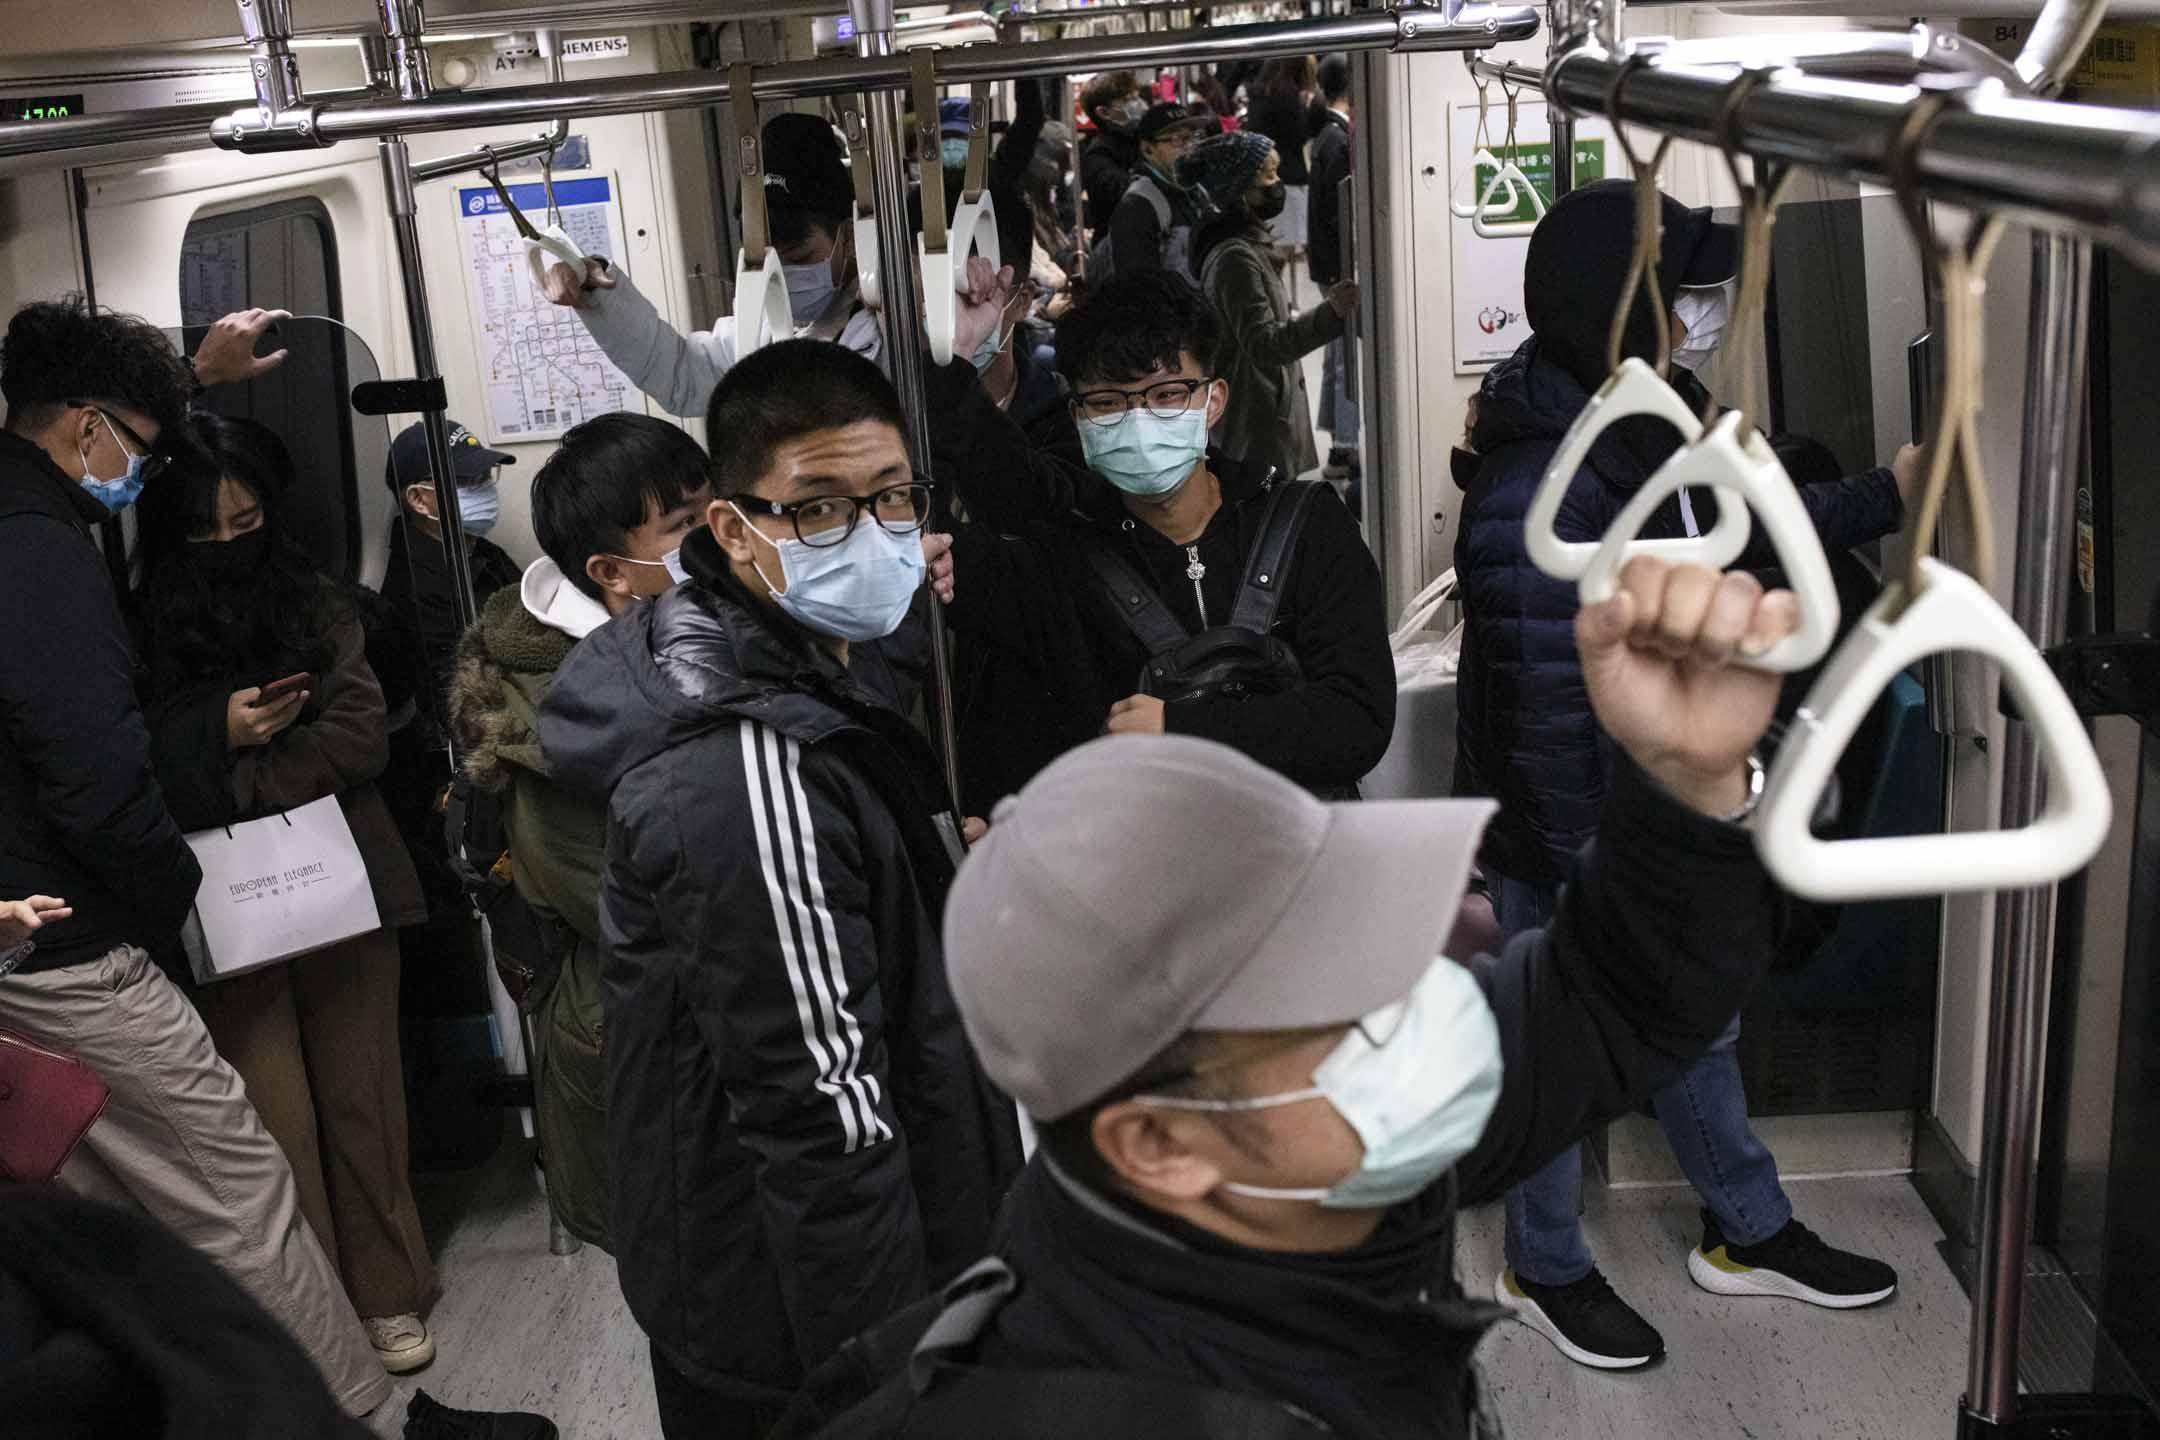 2020年1月29日,台北捷運上的乘客大多數都戴上口罩作防範。 攝:Eason Lam/端傳媒